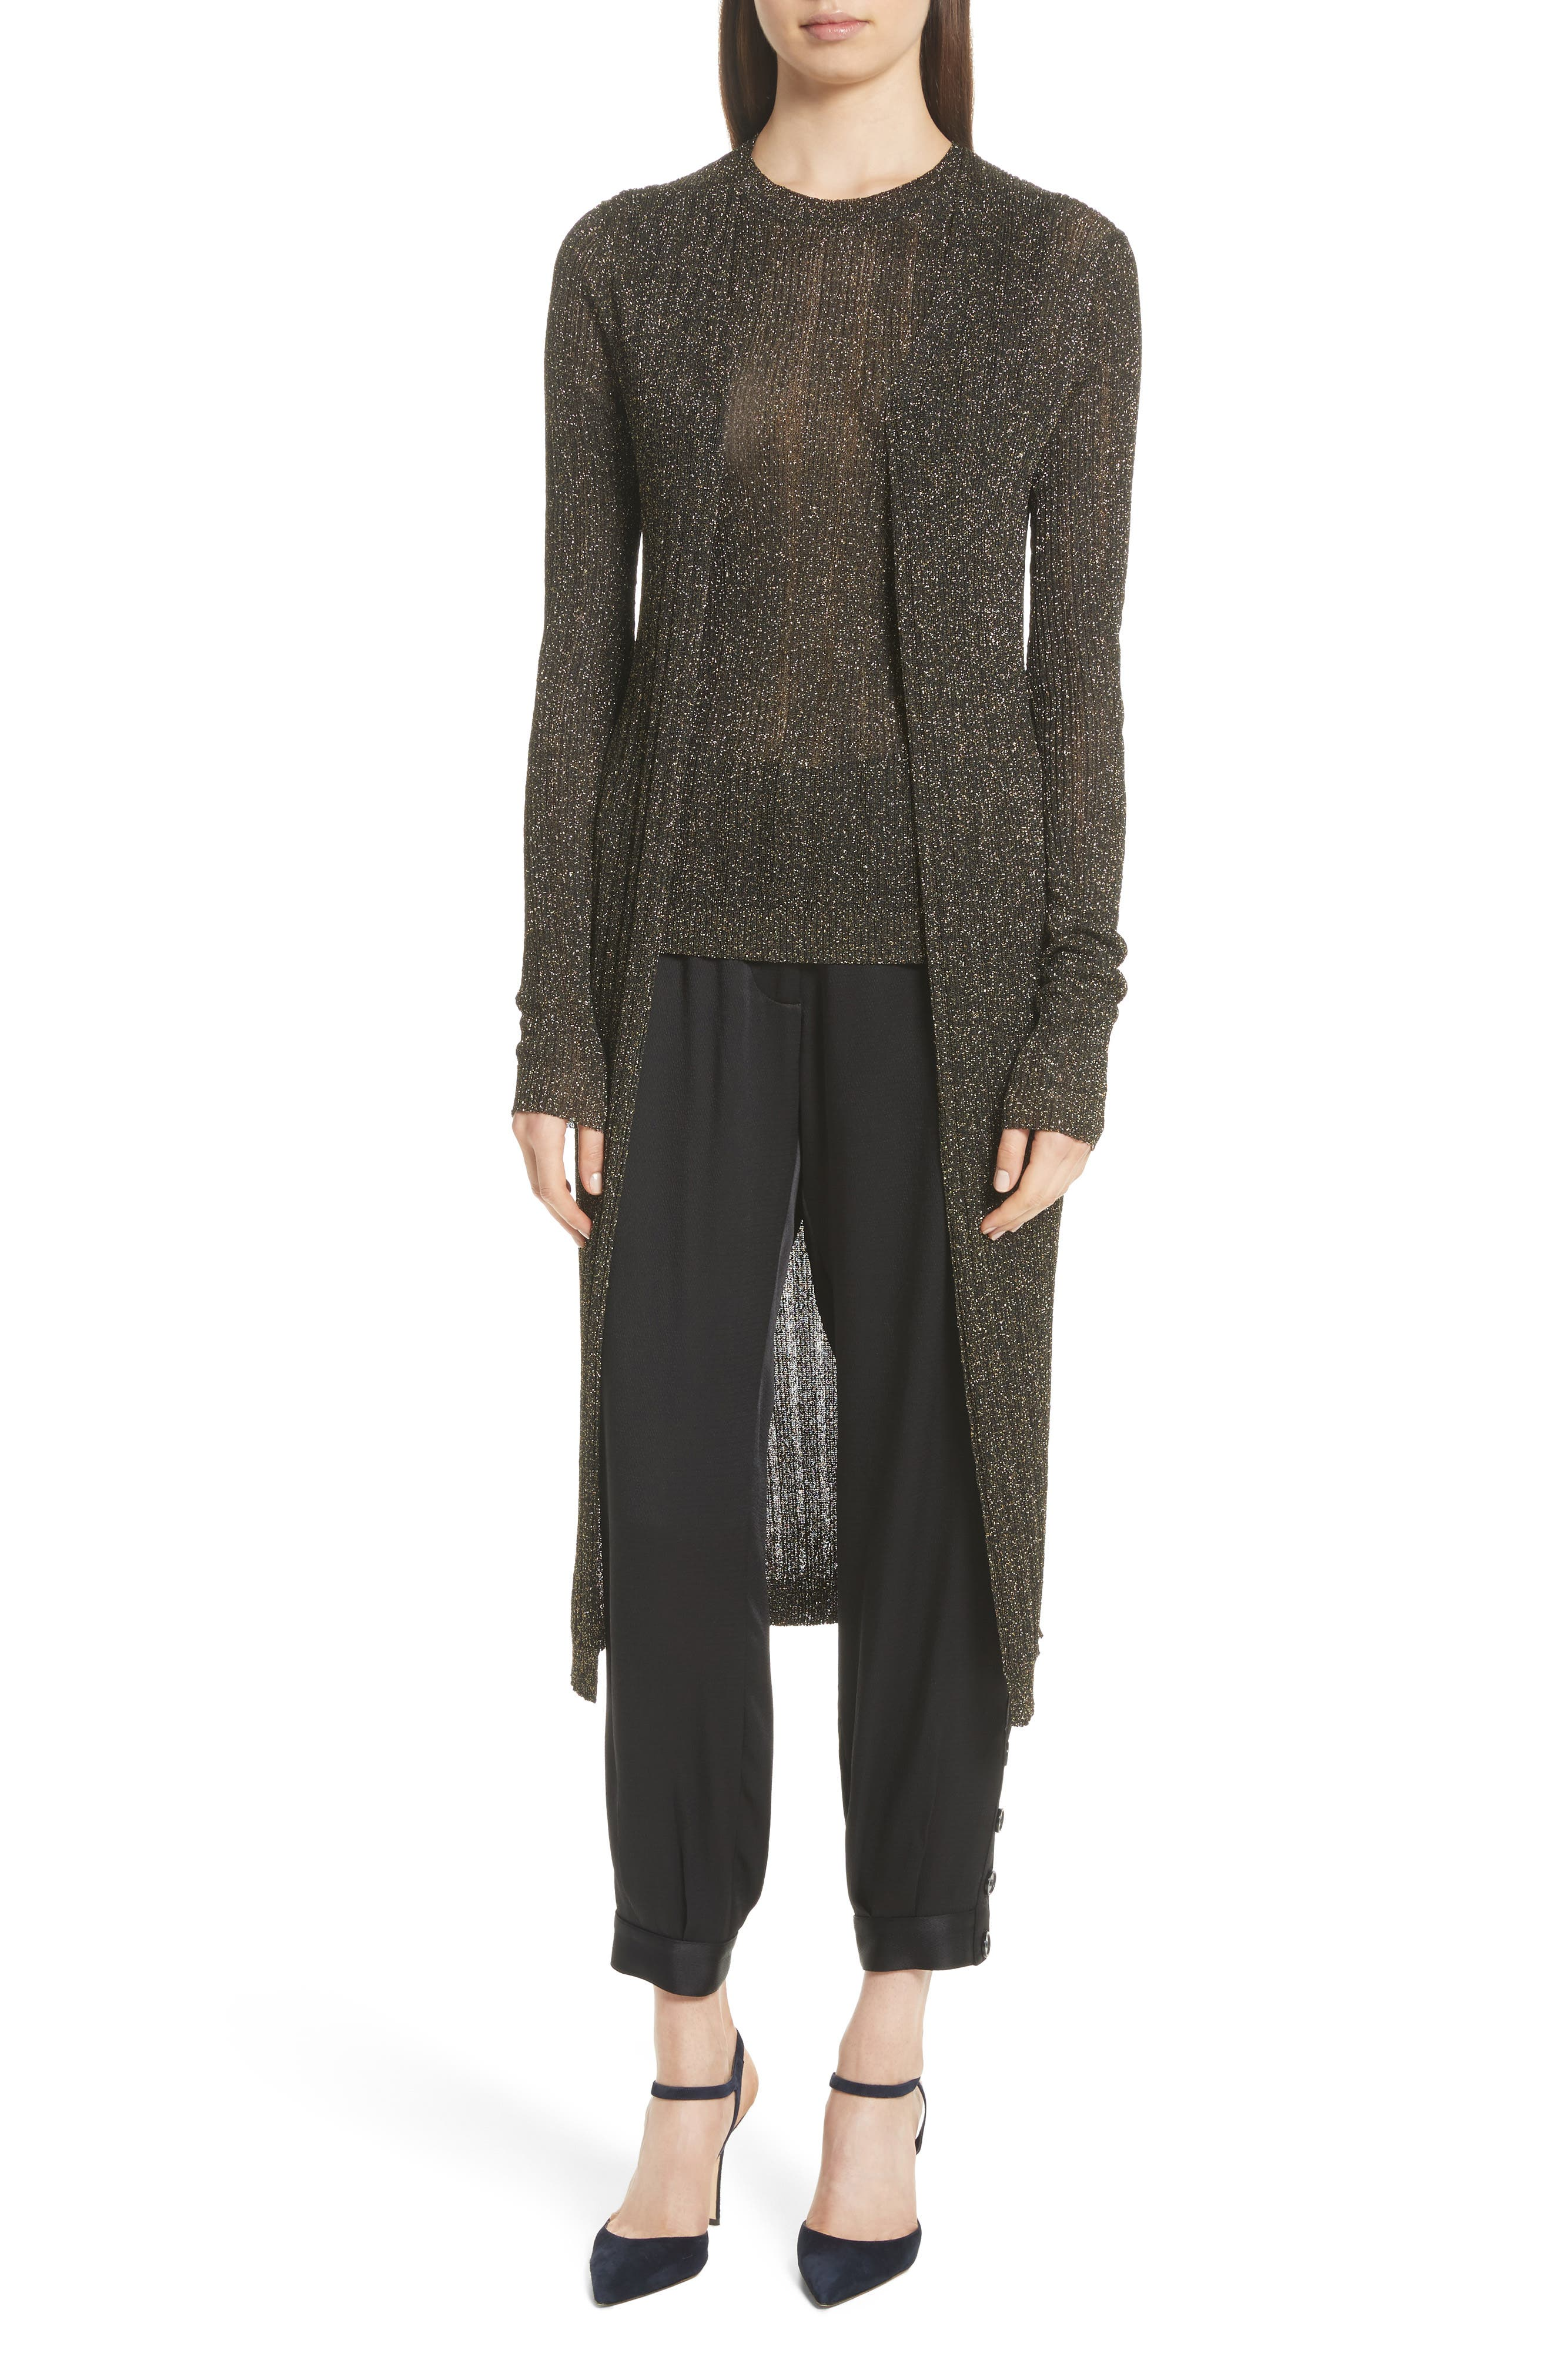 Main Image - Nili Lotan LaSalle Metallic Knit Long Cardigan